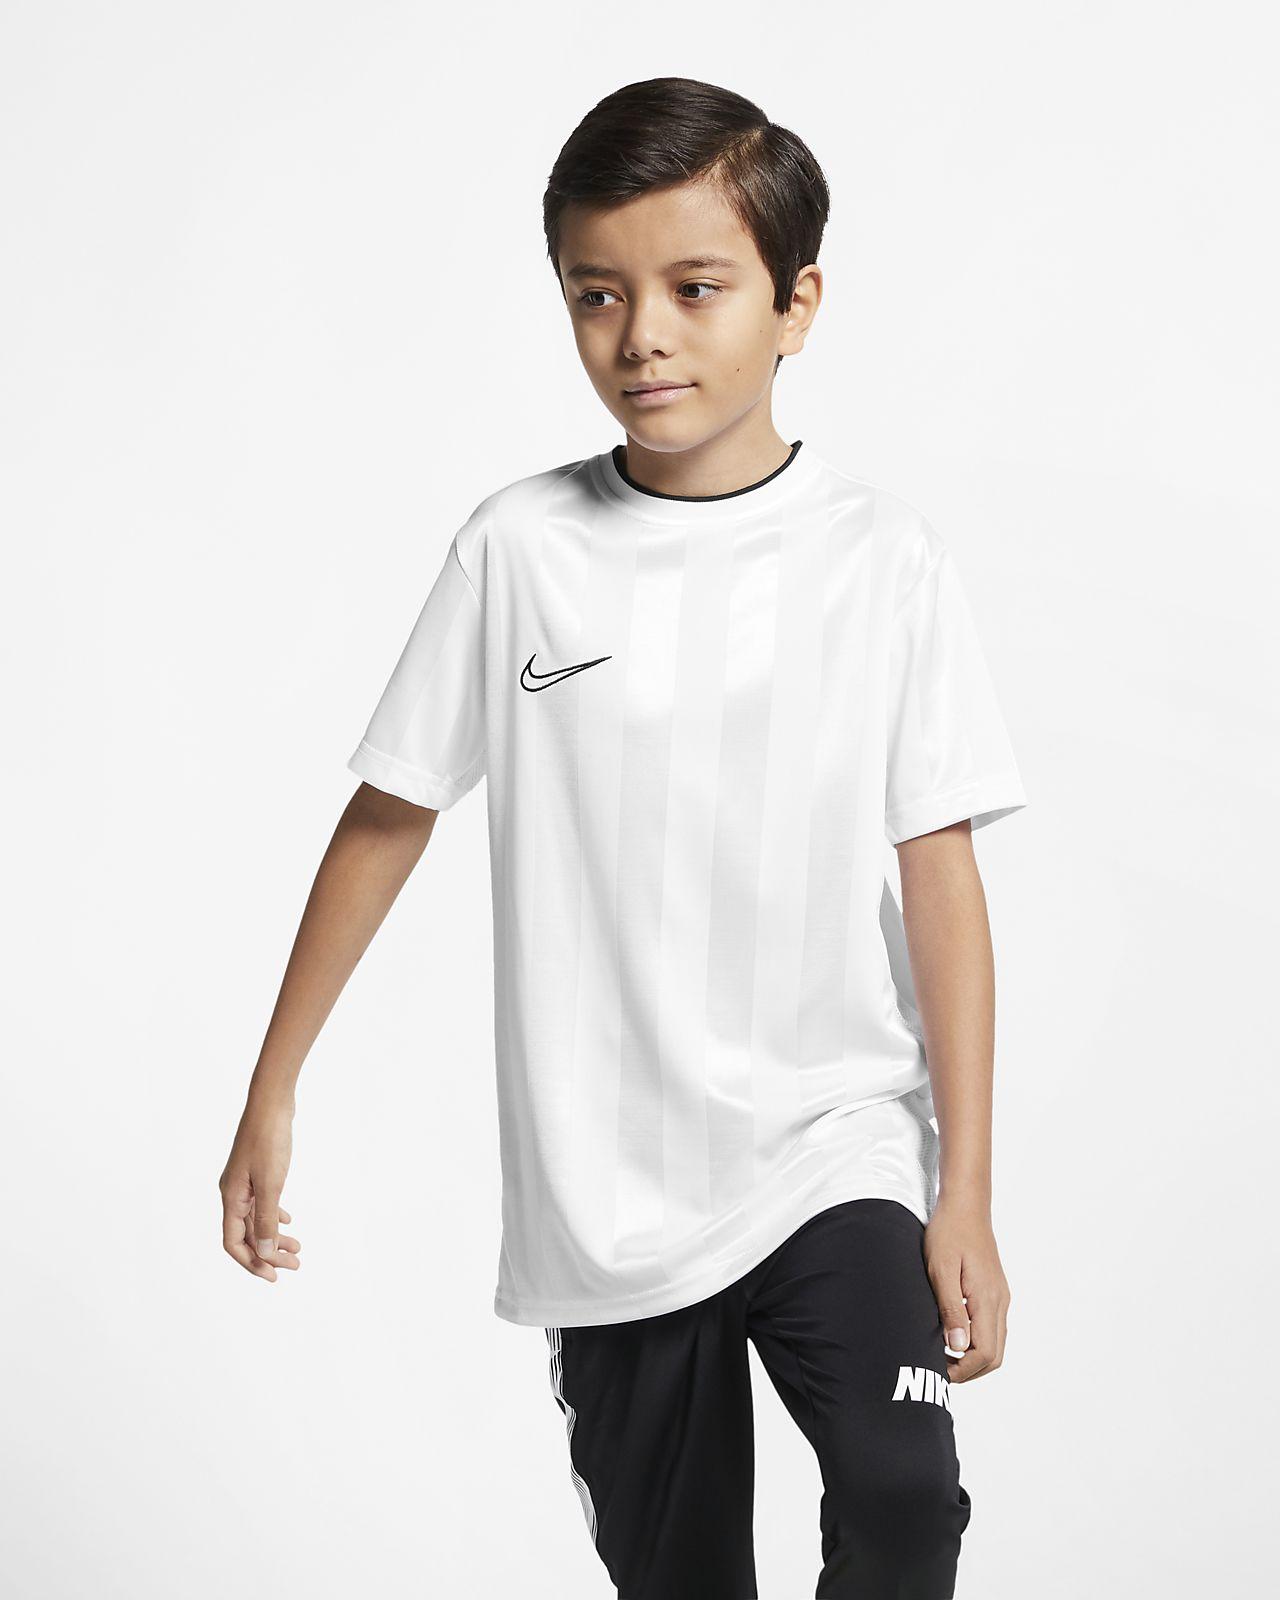 Nike Breathe Academy rövid ujjú futballfelső nagyobb gyerekeknek